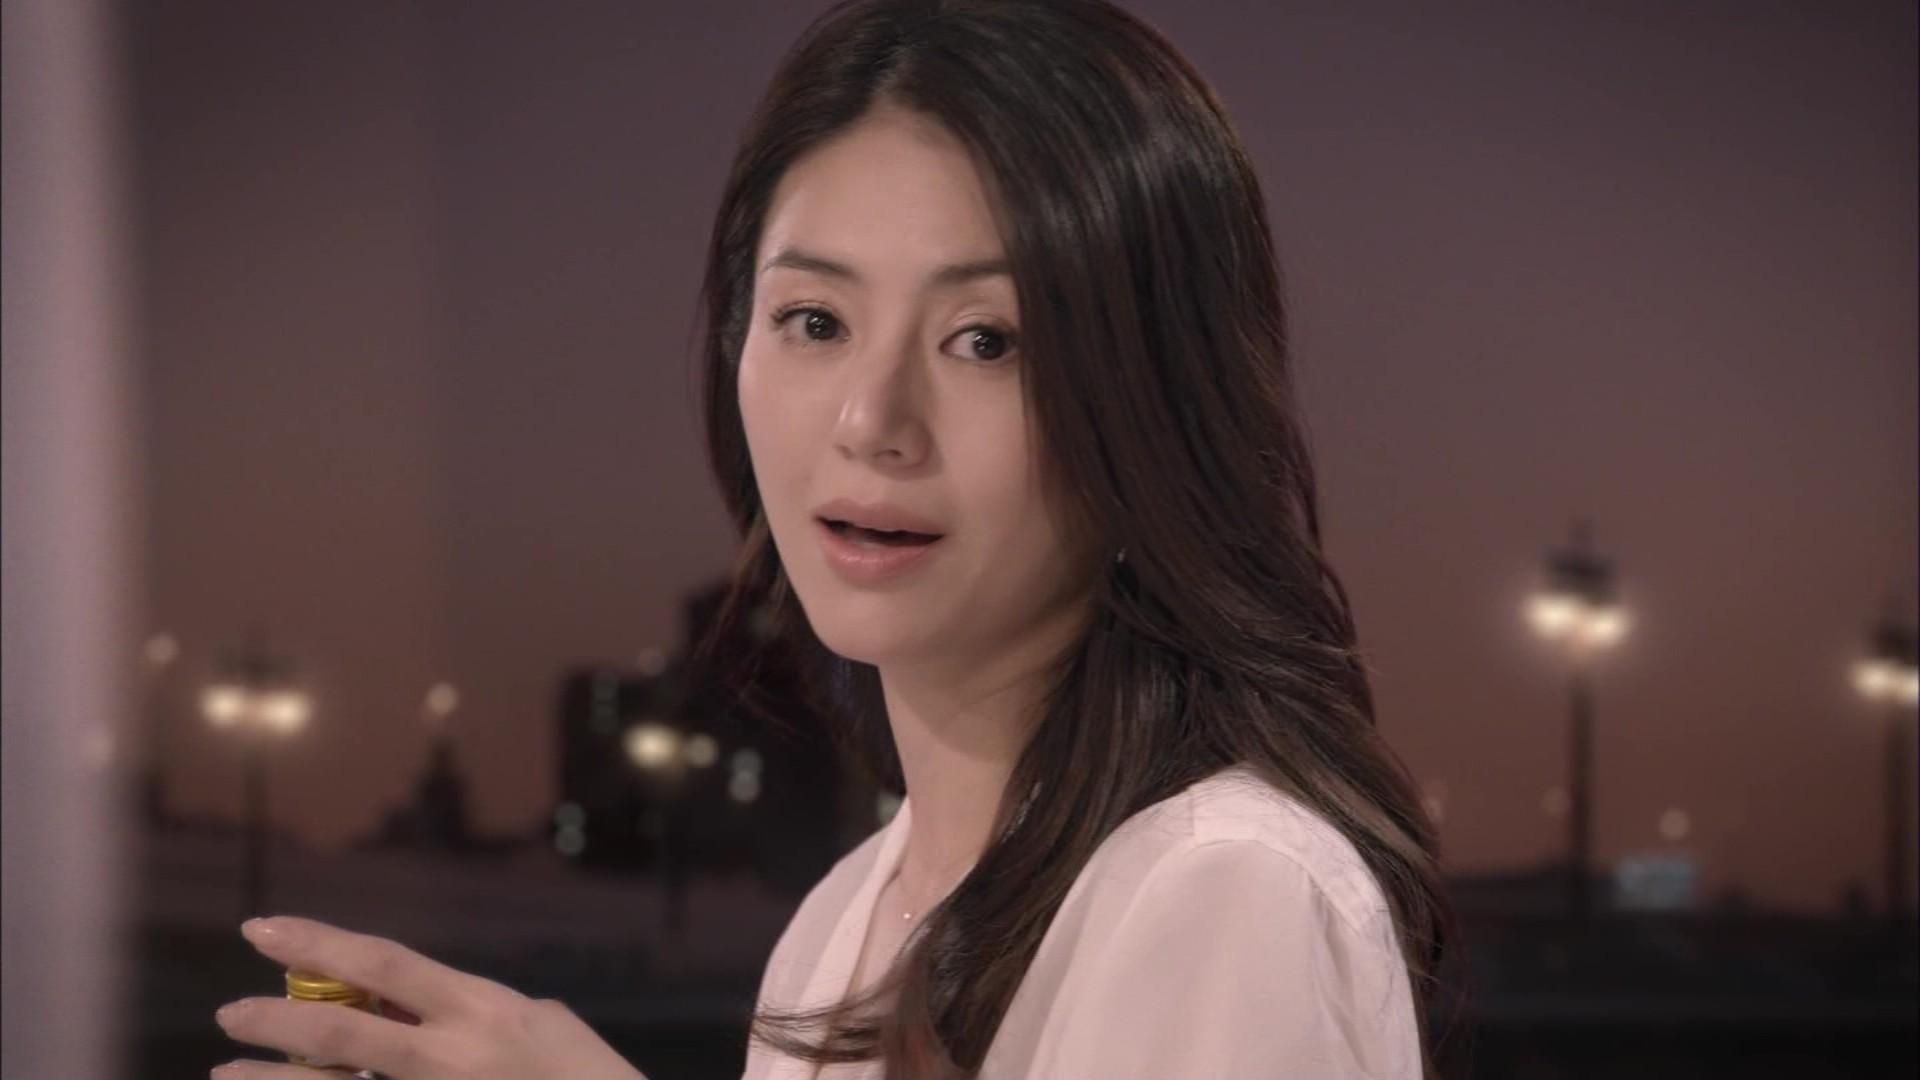 年齢を重ねるごとに魅力が増す!井川遥さんの綺麗の秘密とは?のサムネイル画像